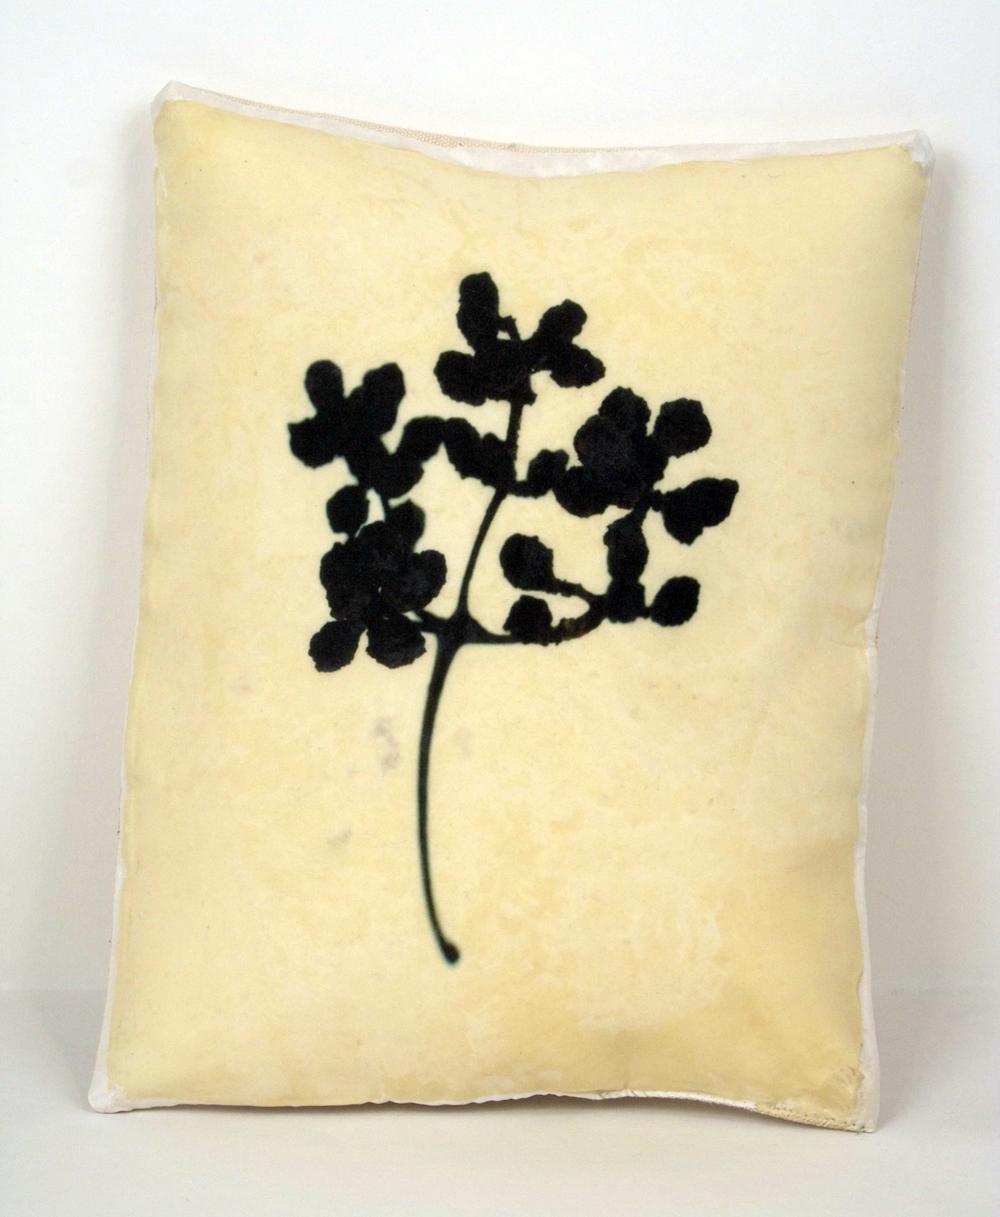 Seed_pillow.jpg